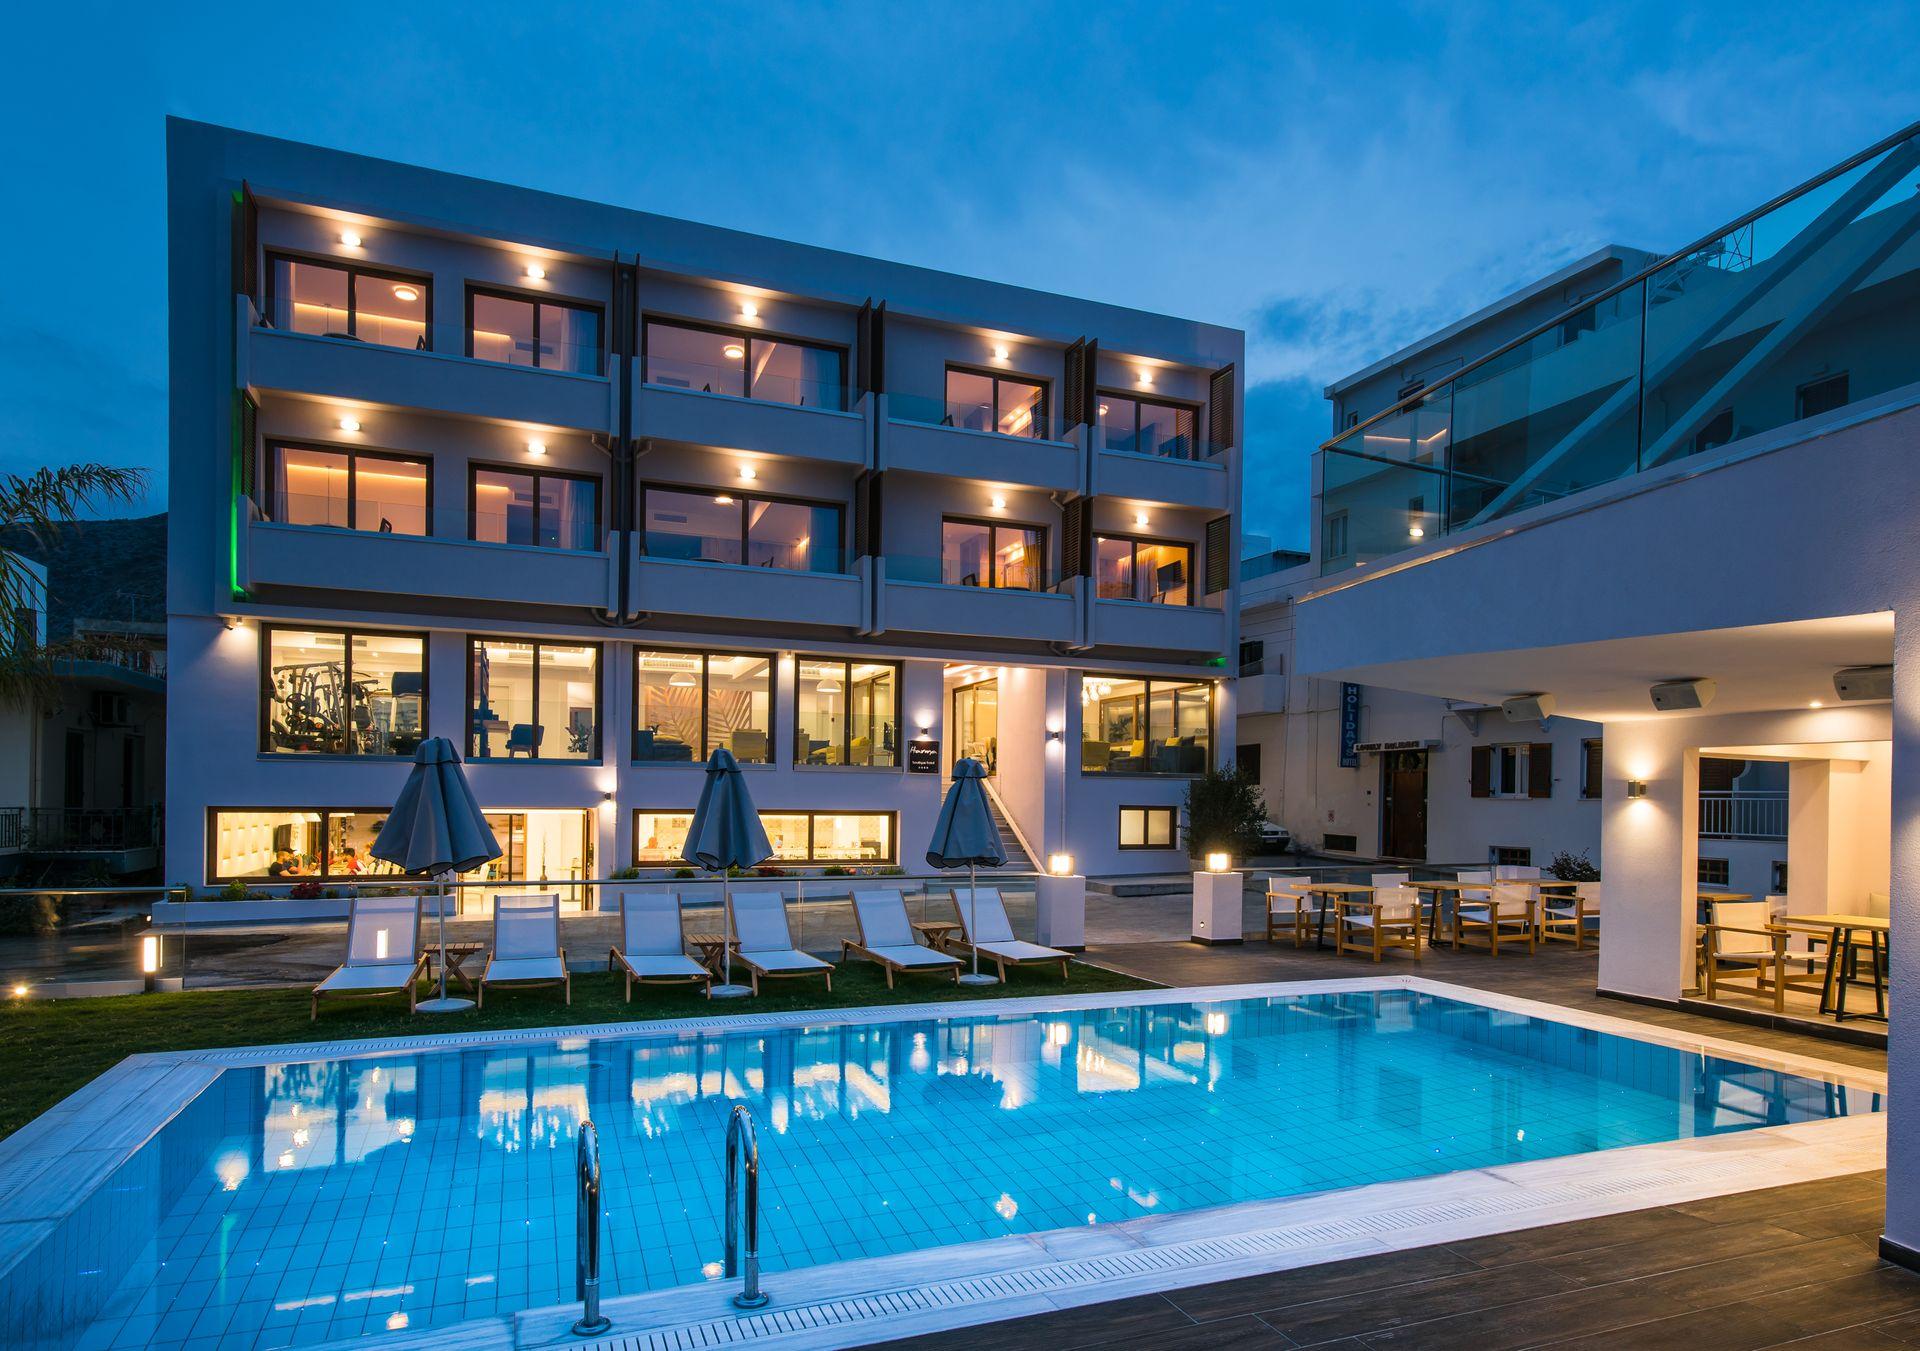 Harma Boutique Hotel - Χερσόνησος, Κρήτη ✦ 2 Ημέρες